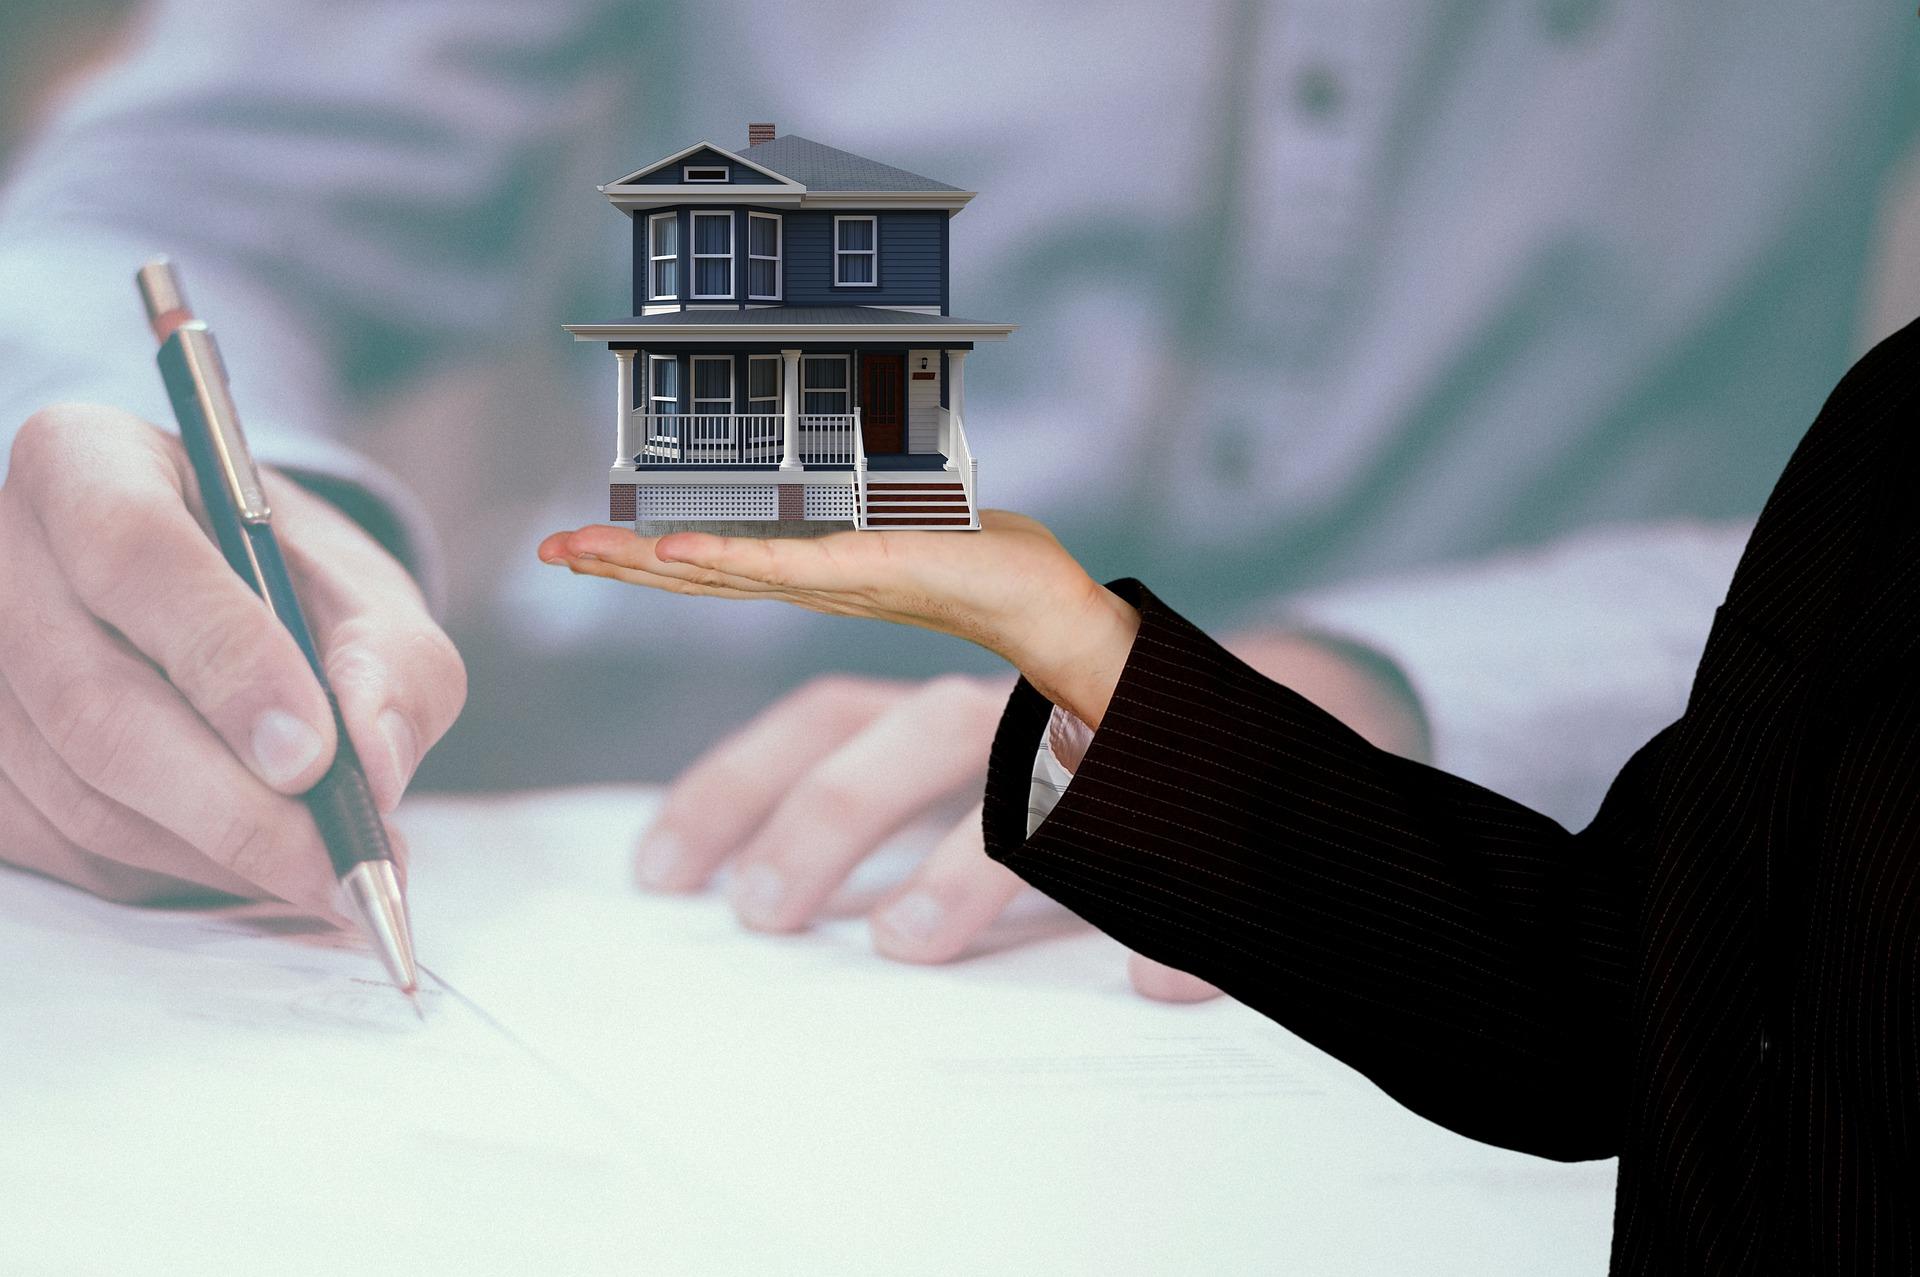 nemovitost, investice, dům, hypotéka